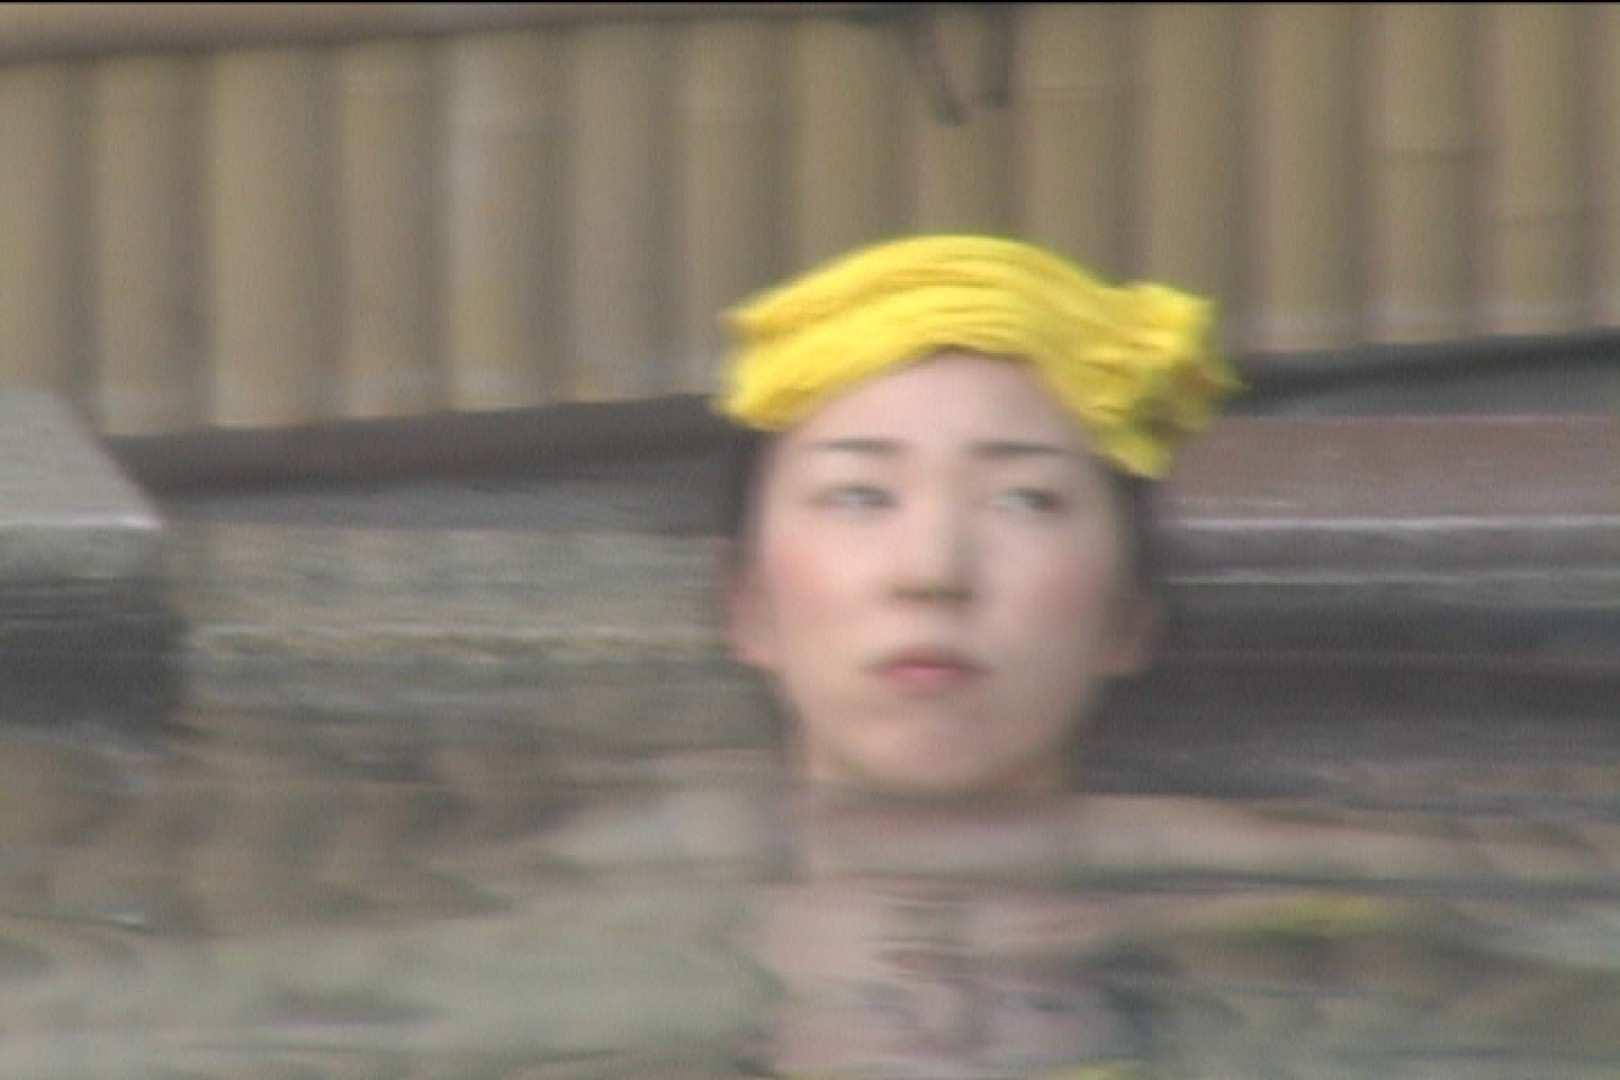 Aquaな露天風呂Vol.529 盗撮シリーズ  106PIX 102